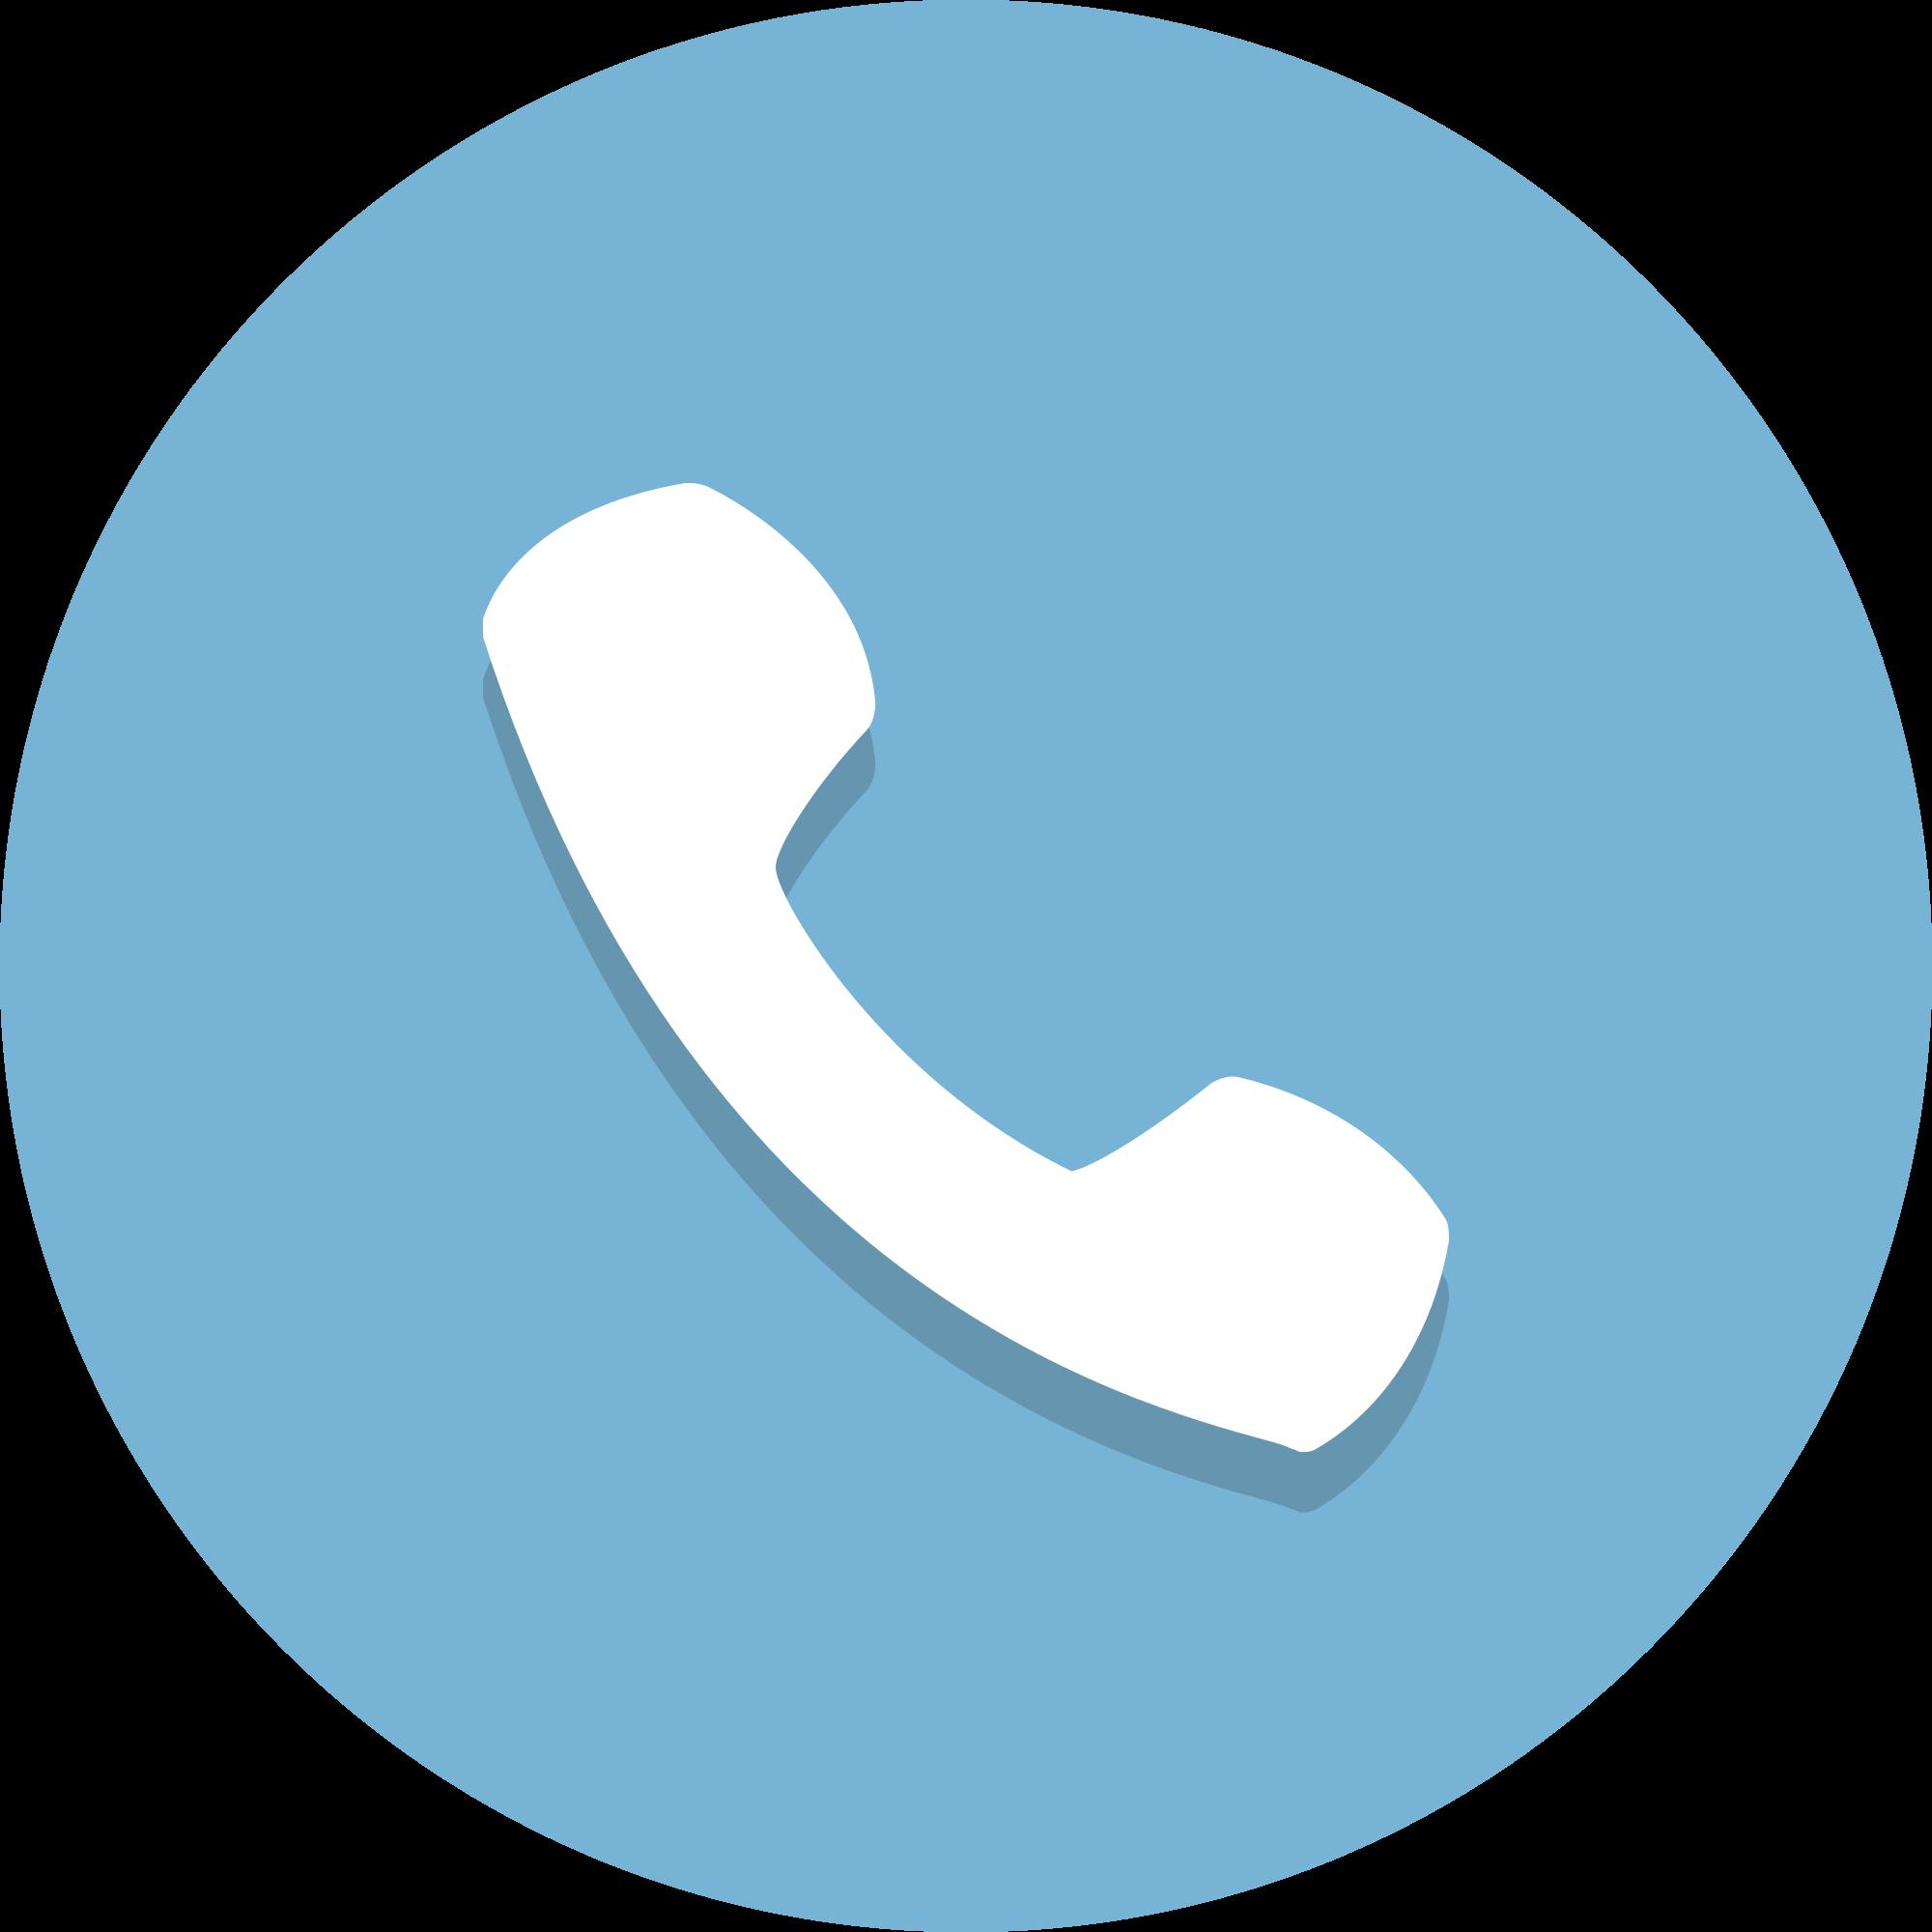 2000x2000 Circle Clipart Phone